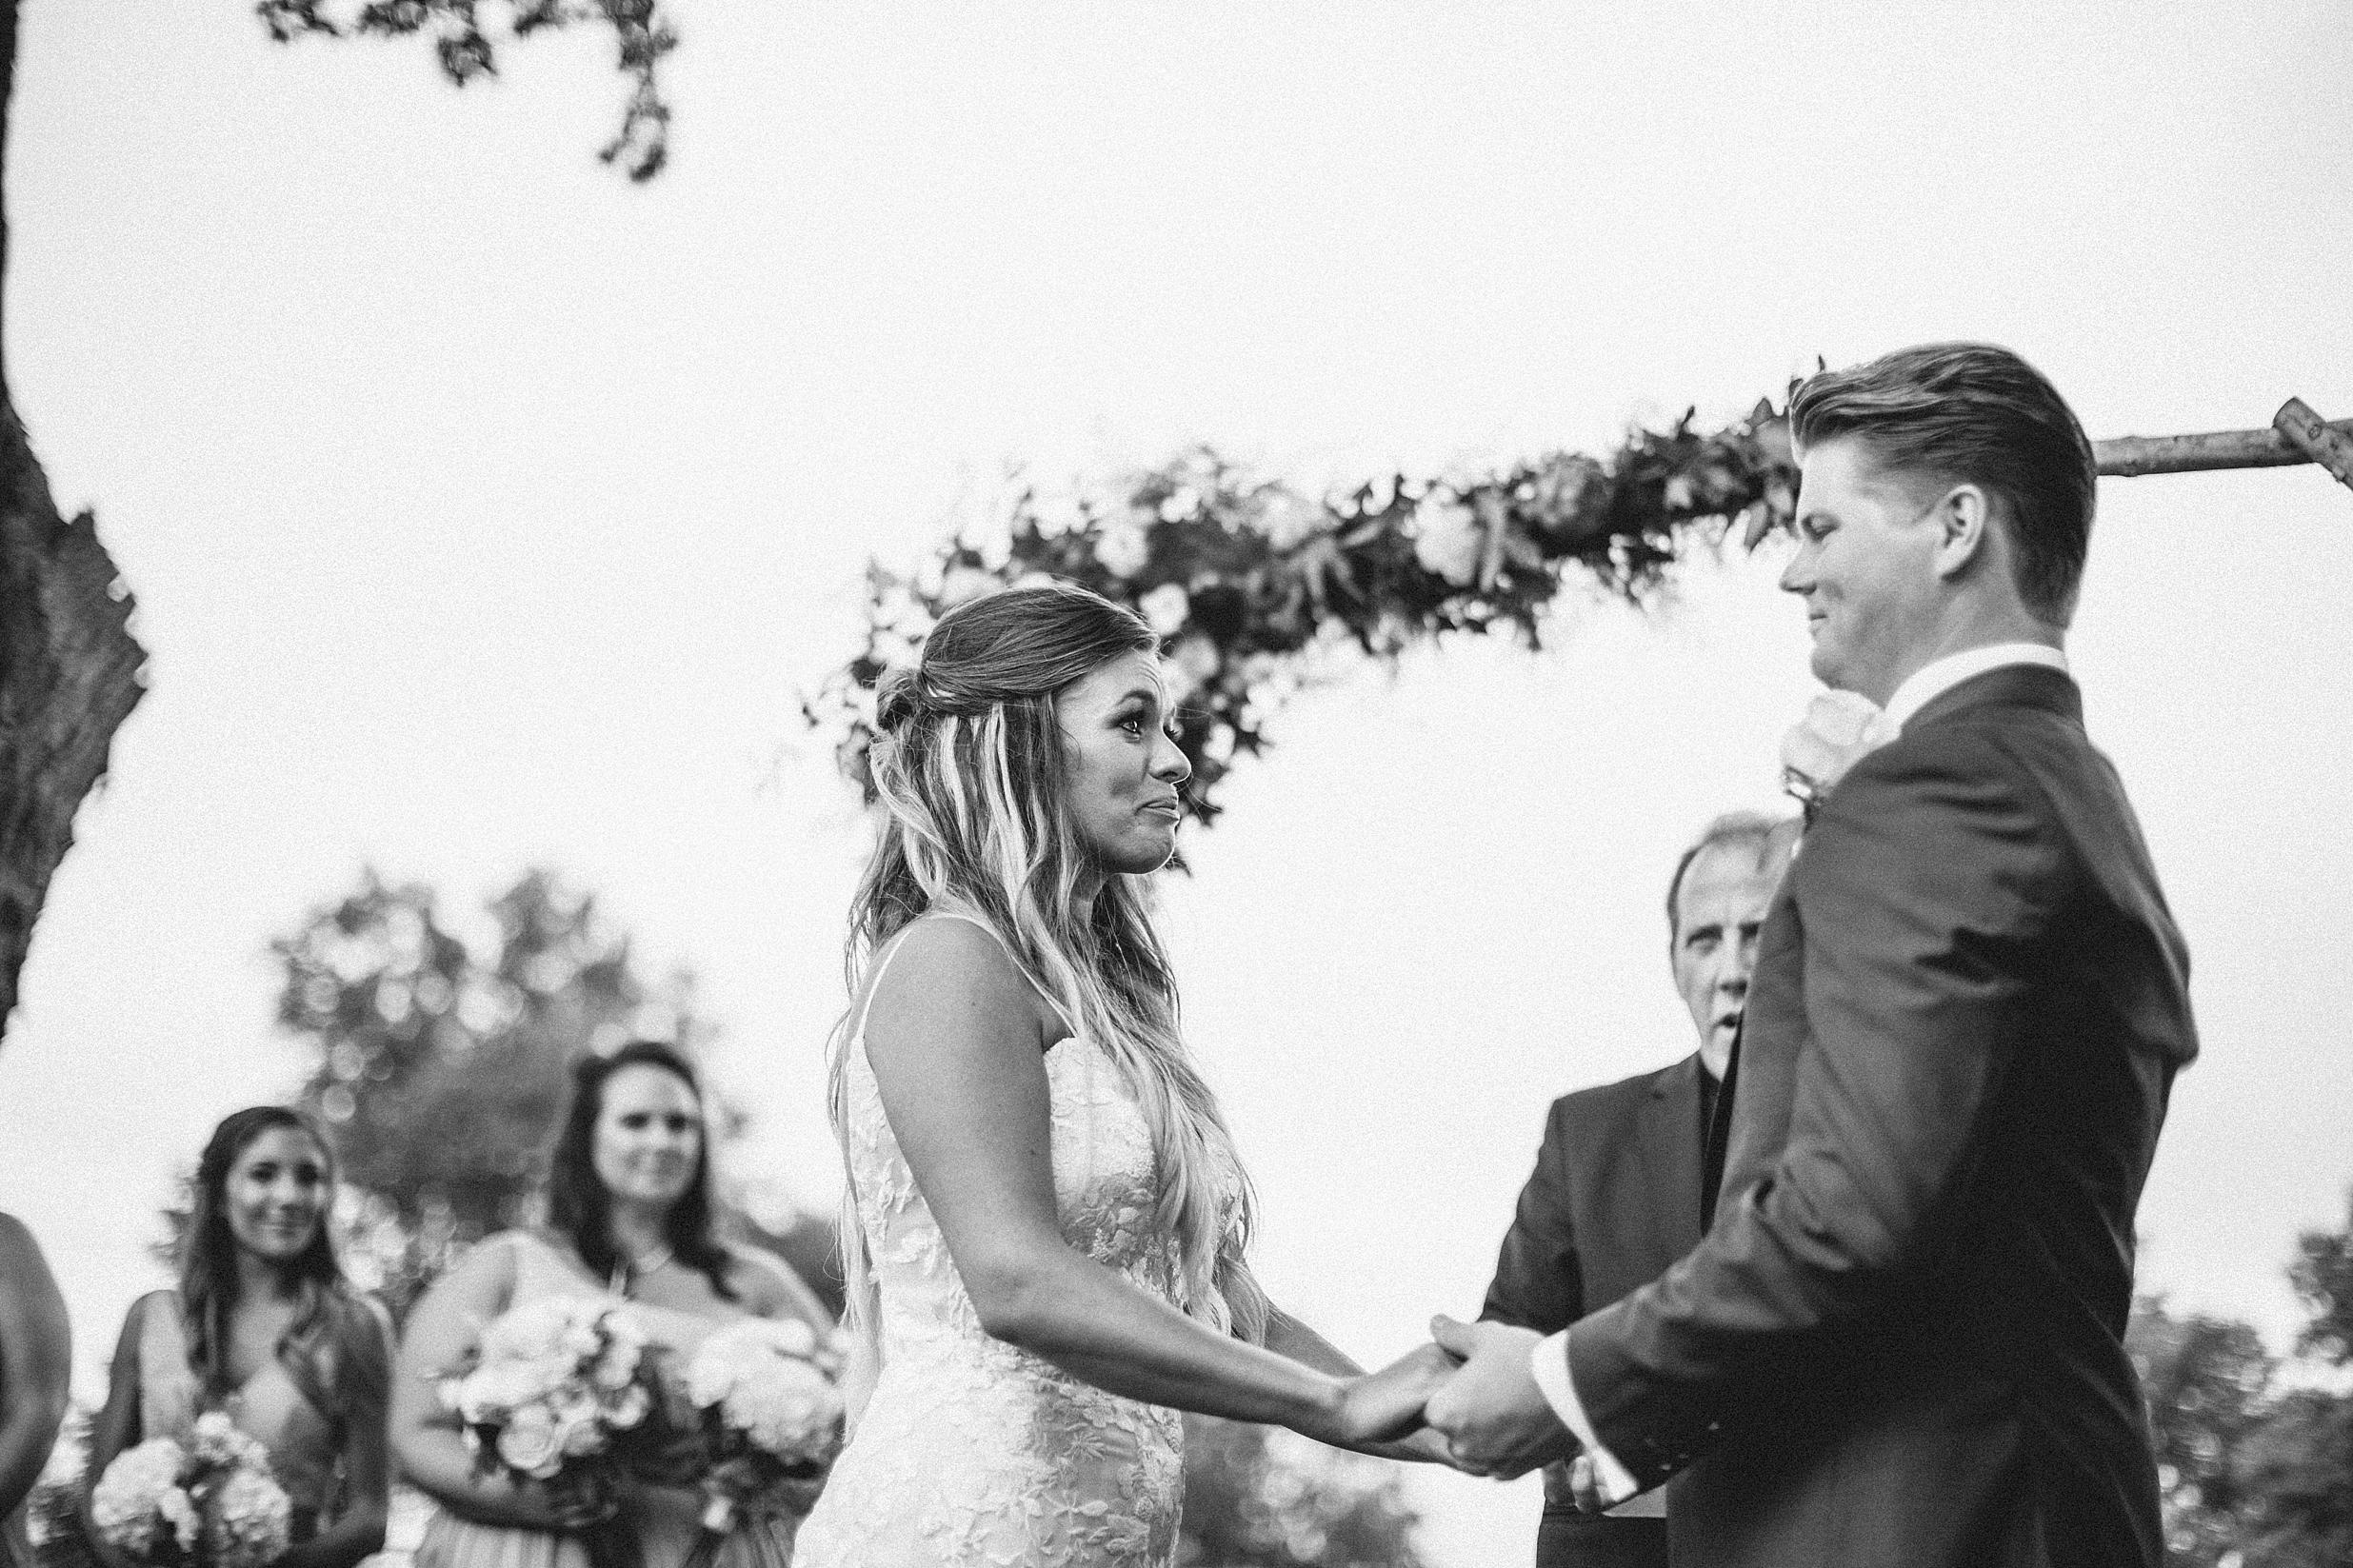 jersey-outdoor-ceremony-wedding-navasink-monmouth-rumson_0045.jpg